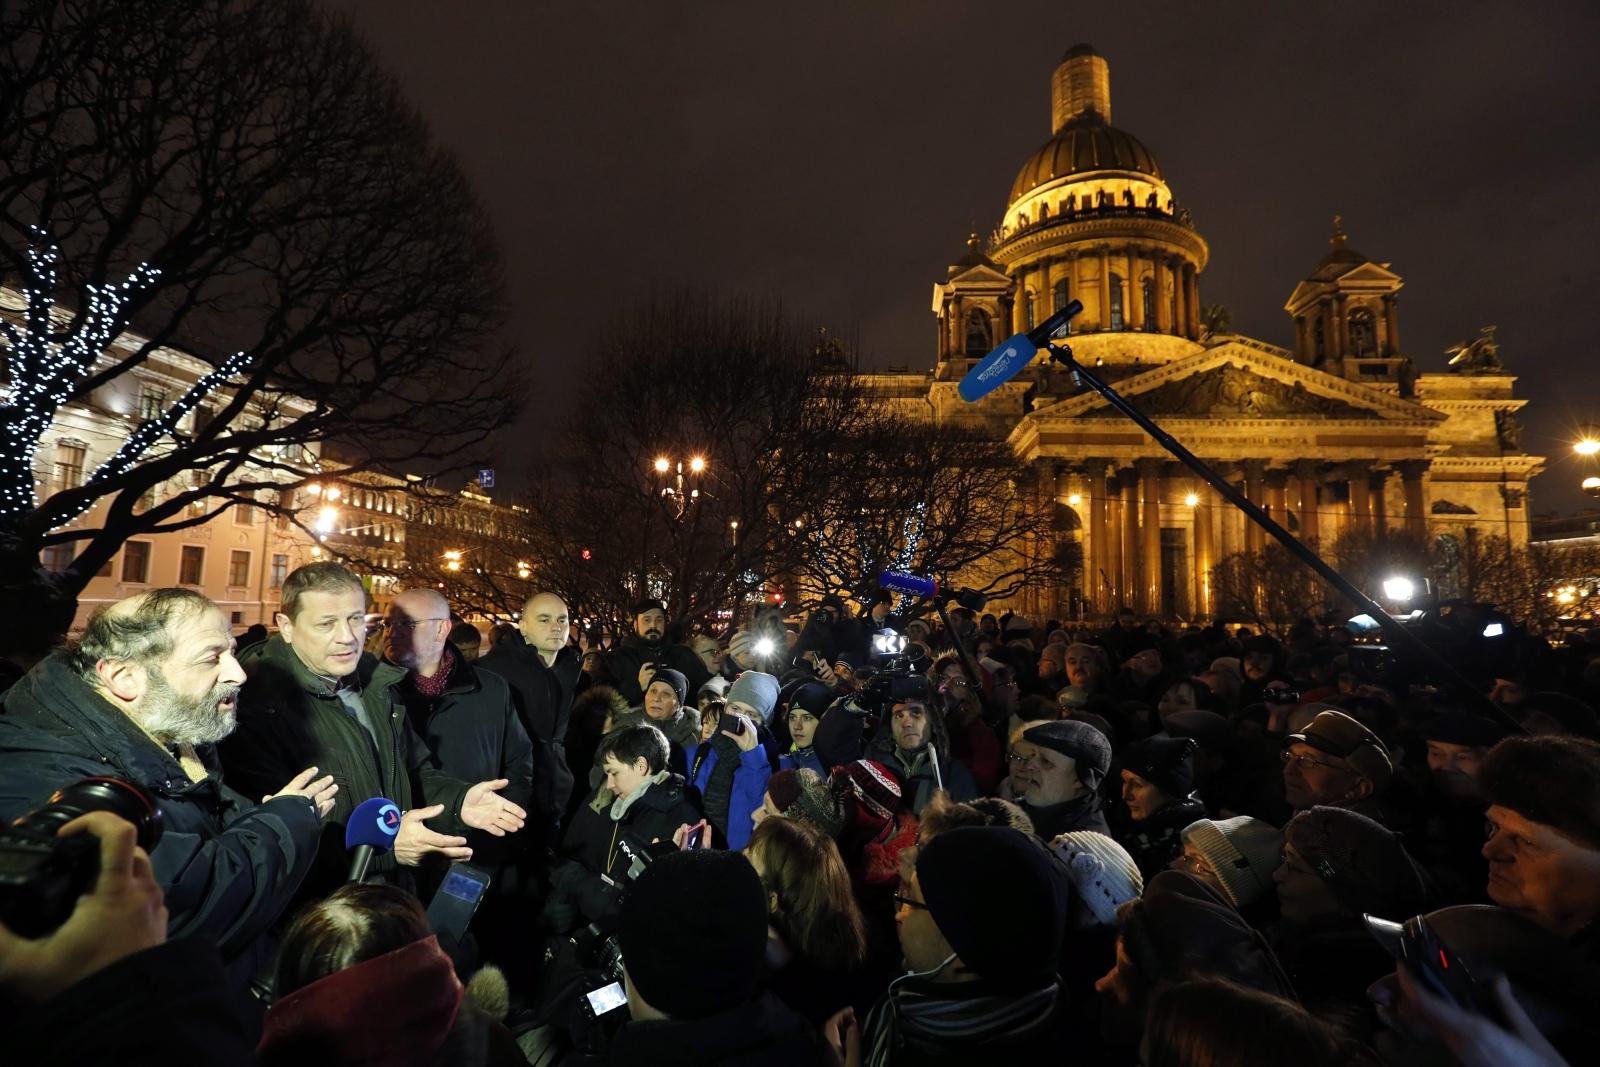 Petersburg, Rosja: protest przeciwko uczynieniu z Katedry św. Izaaka kościoła prawosławnego. Fot. PAP/EPA/ANATOLY MALTSEV